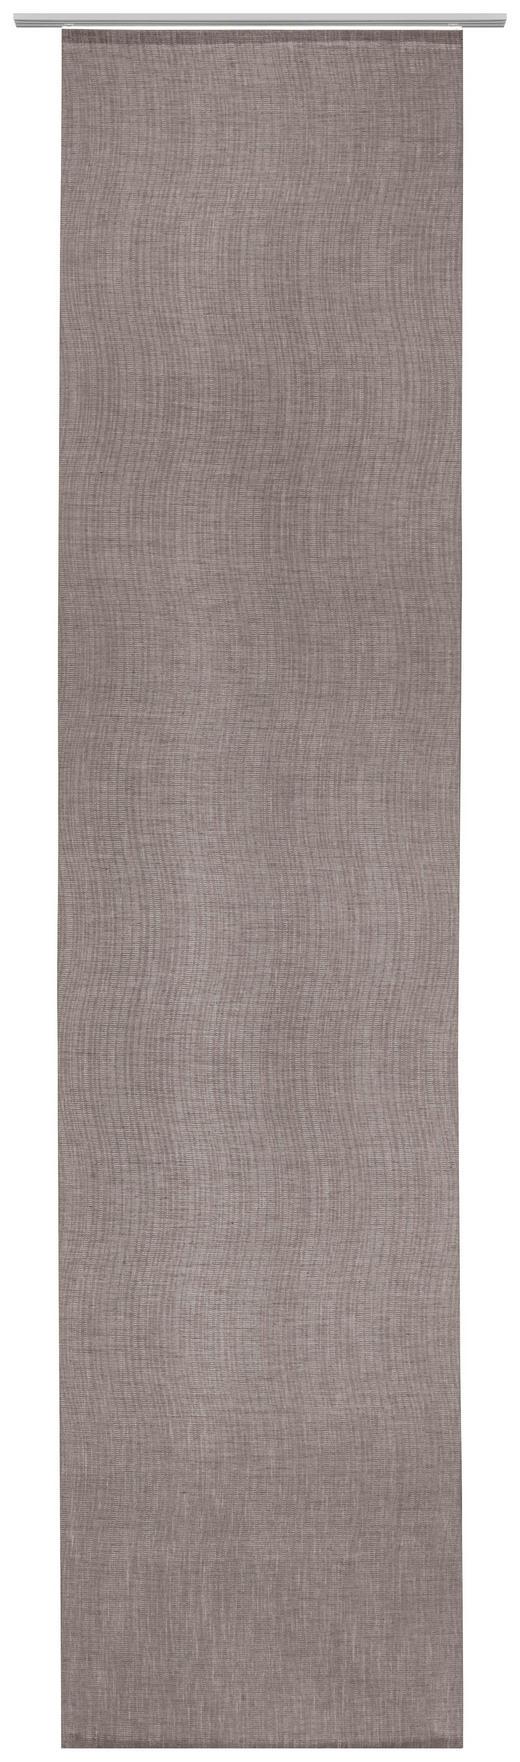 Flächenvorhang in Braun - Braun, Design, Textil (60/255cm) - Novel